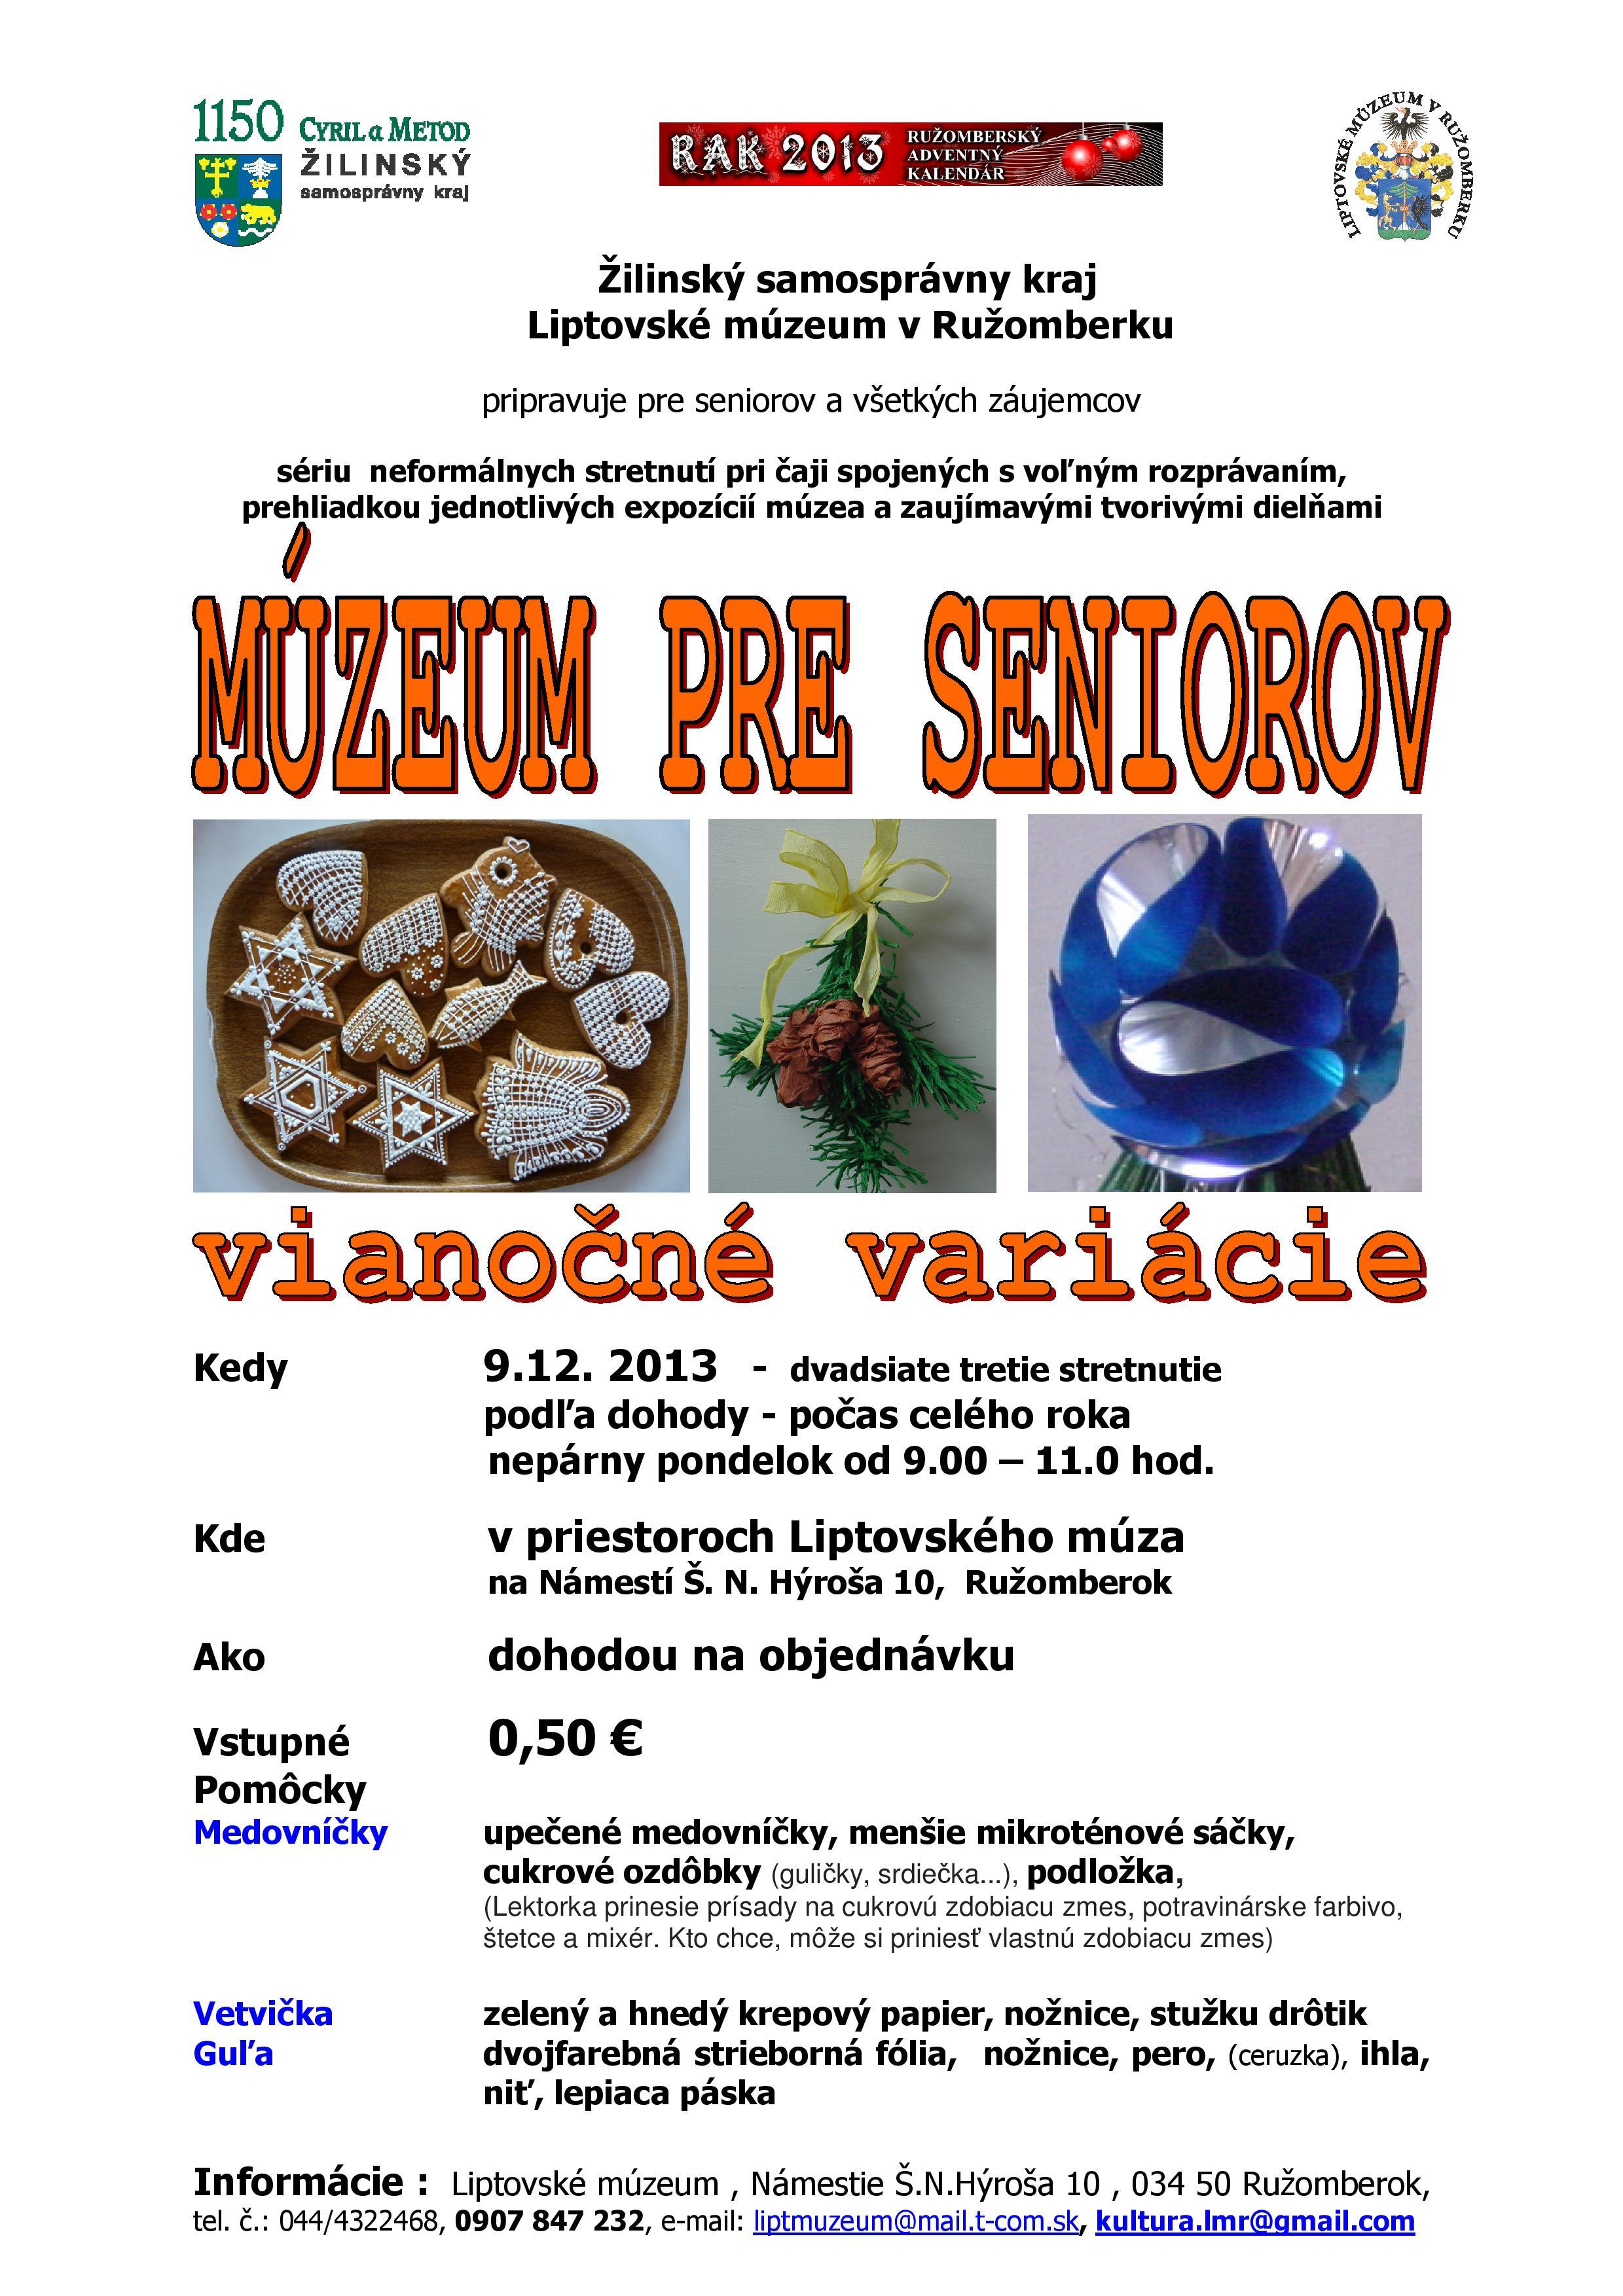 mps-vianocne-variacie-9-12-2013